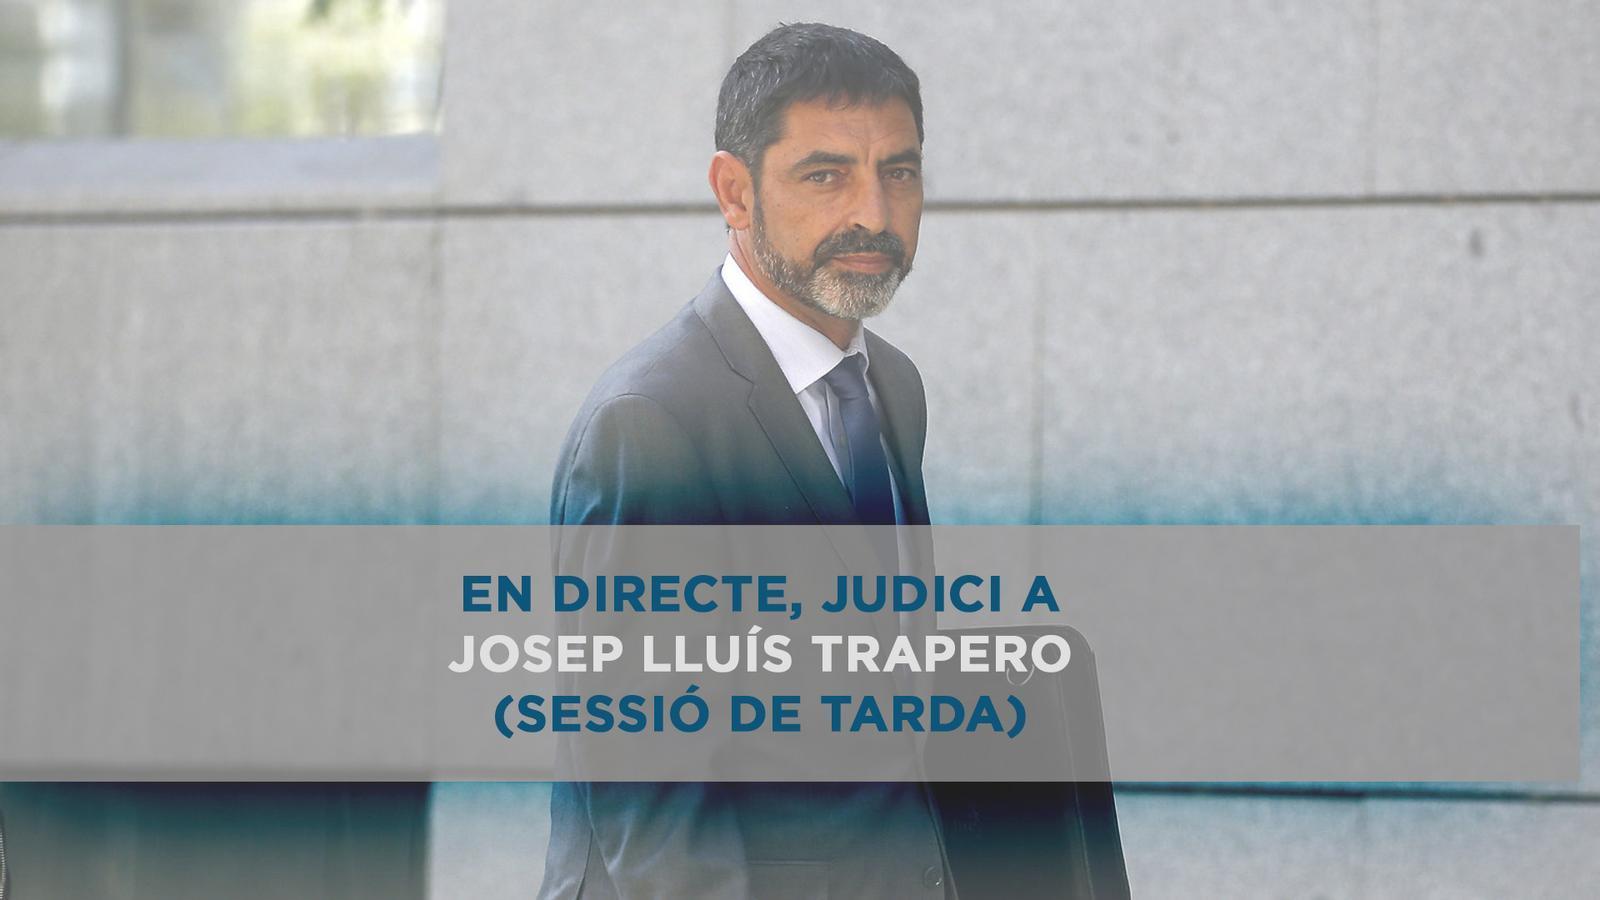 Judici a Trapero a l'Audiència Nacional (sessió de tarda)